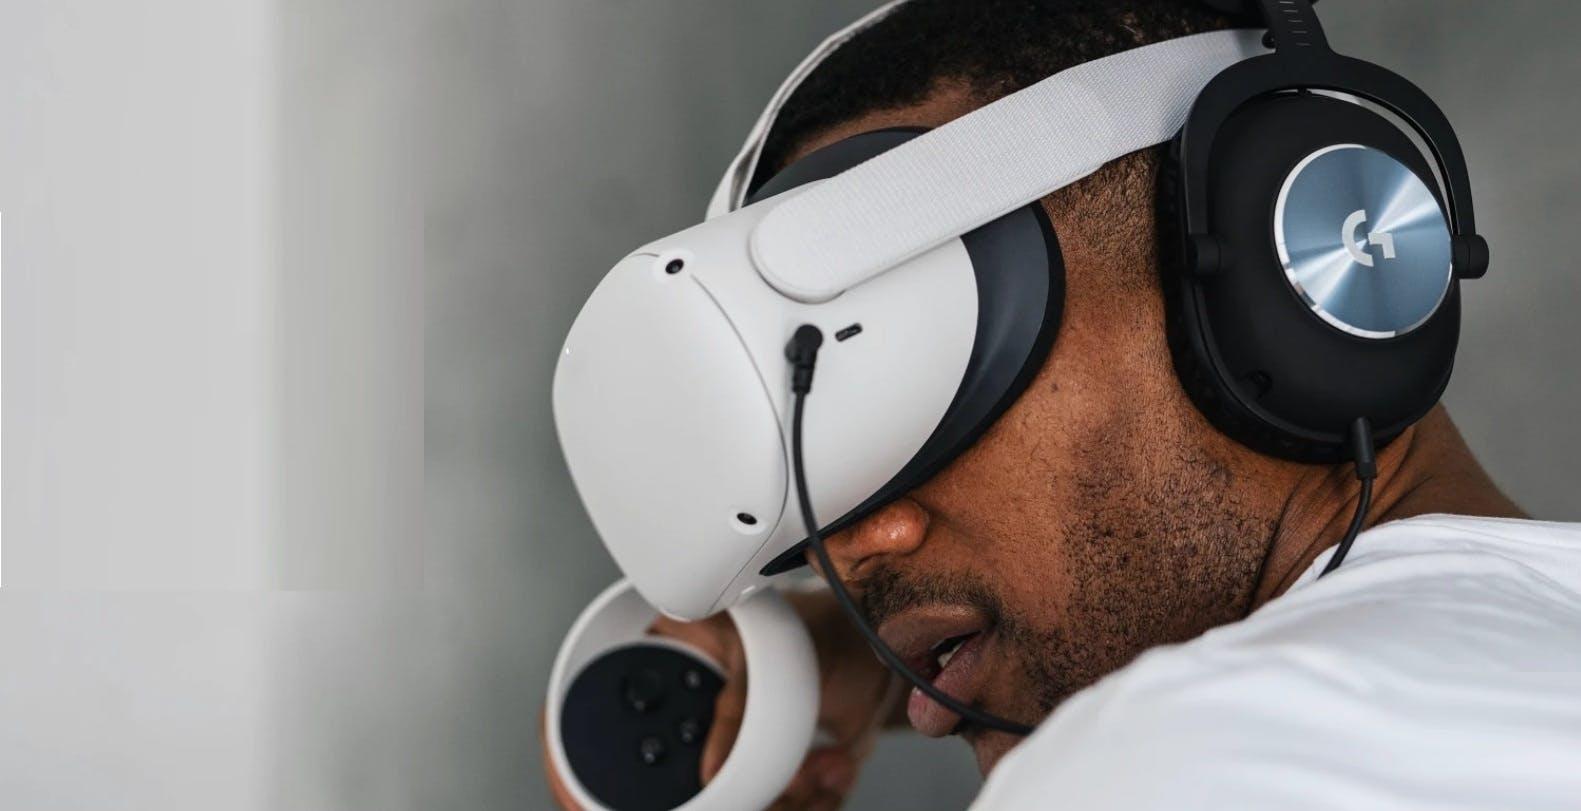 Ecco due cuffie Logitech per Oculus Quest 2. Entrambe sono certificate Oculus Ready